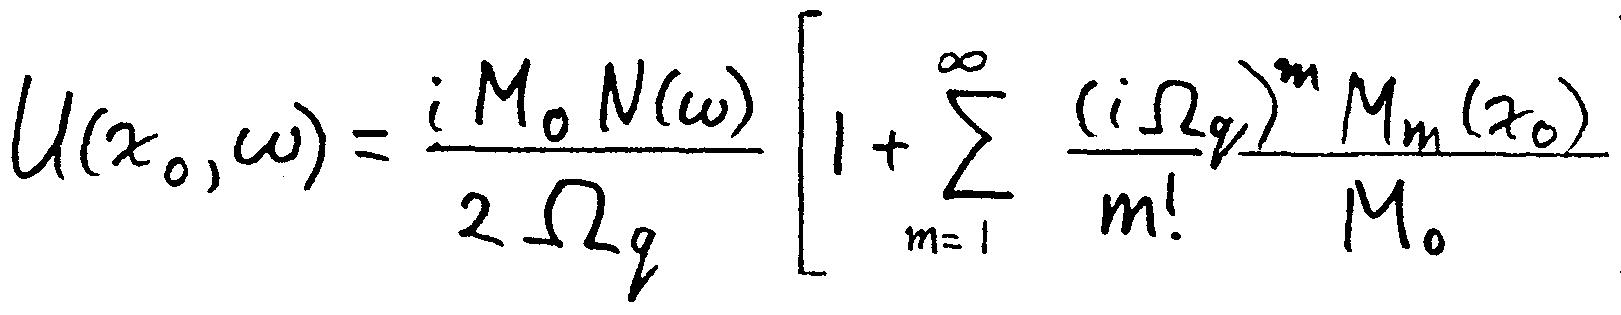 Figure imgf000039_0005